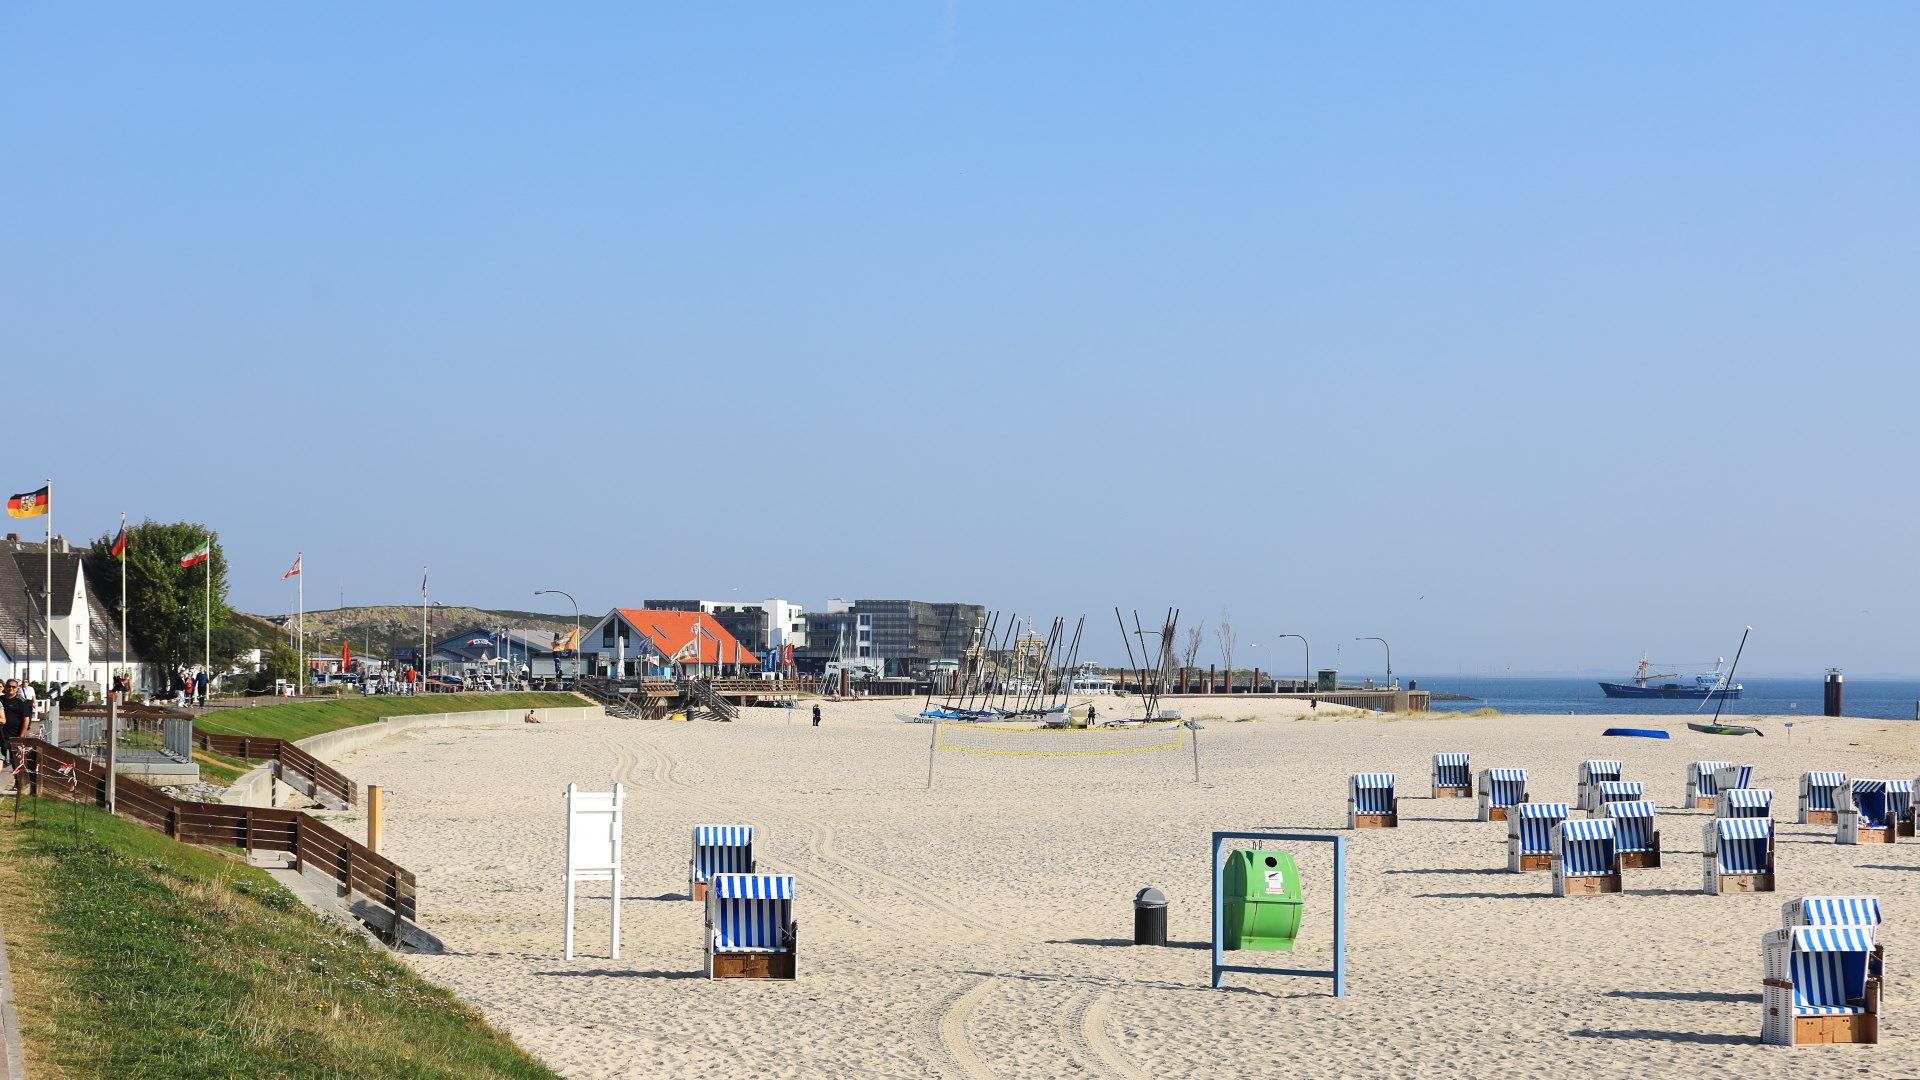 Hörnum, Strandbad und Strandkörbe